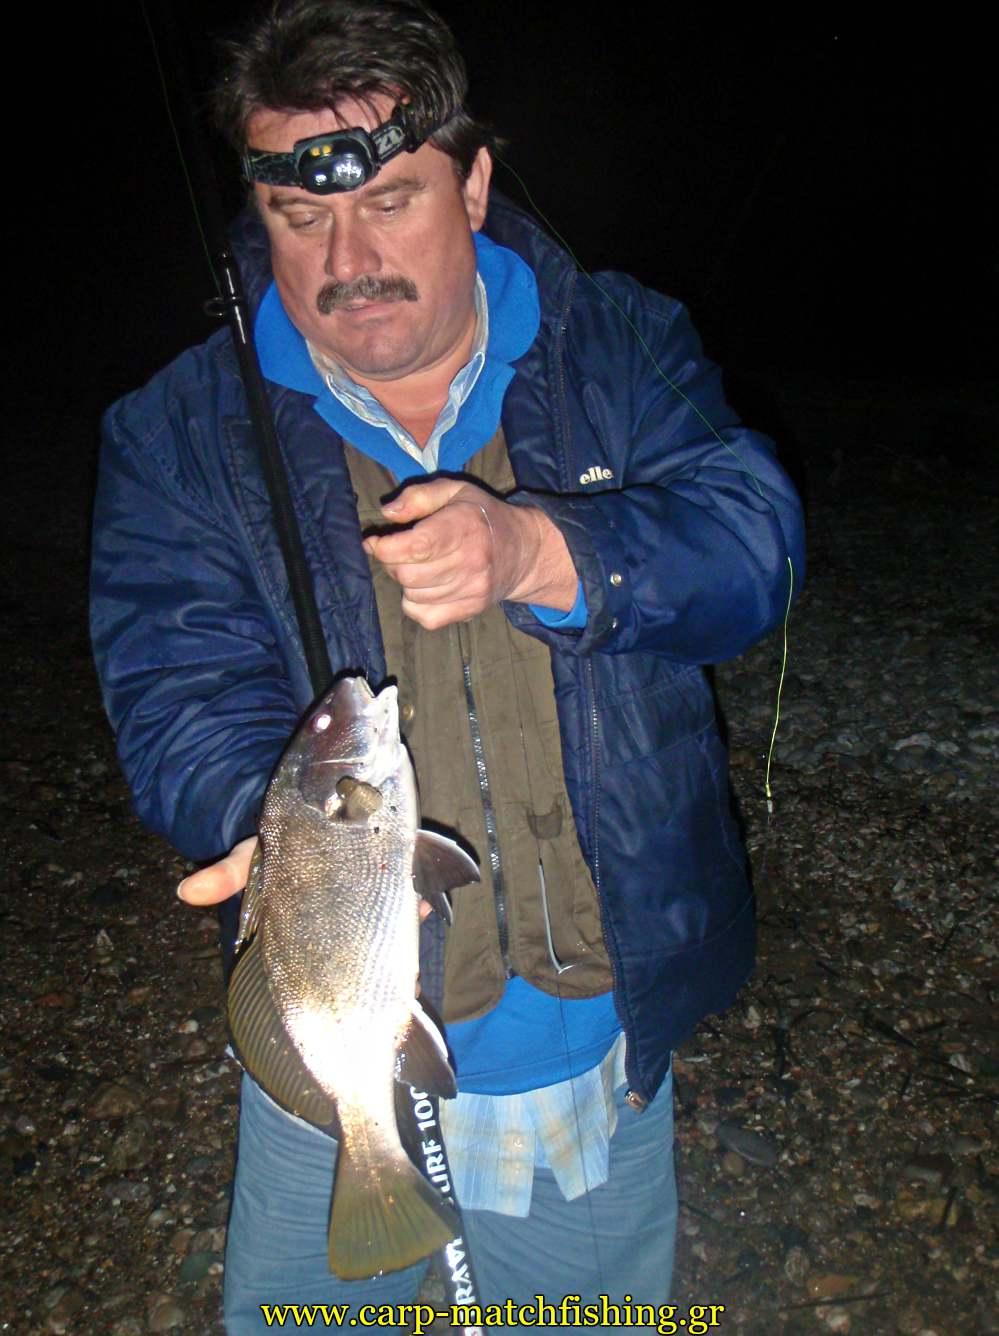 sikios casting carpmatchfishing